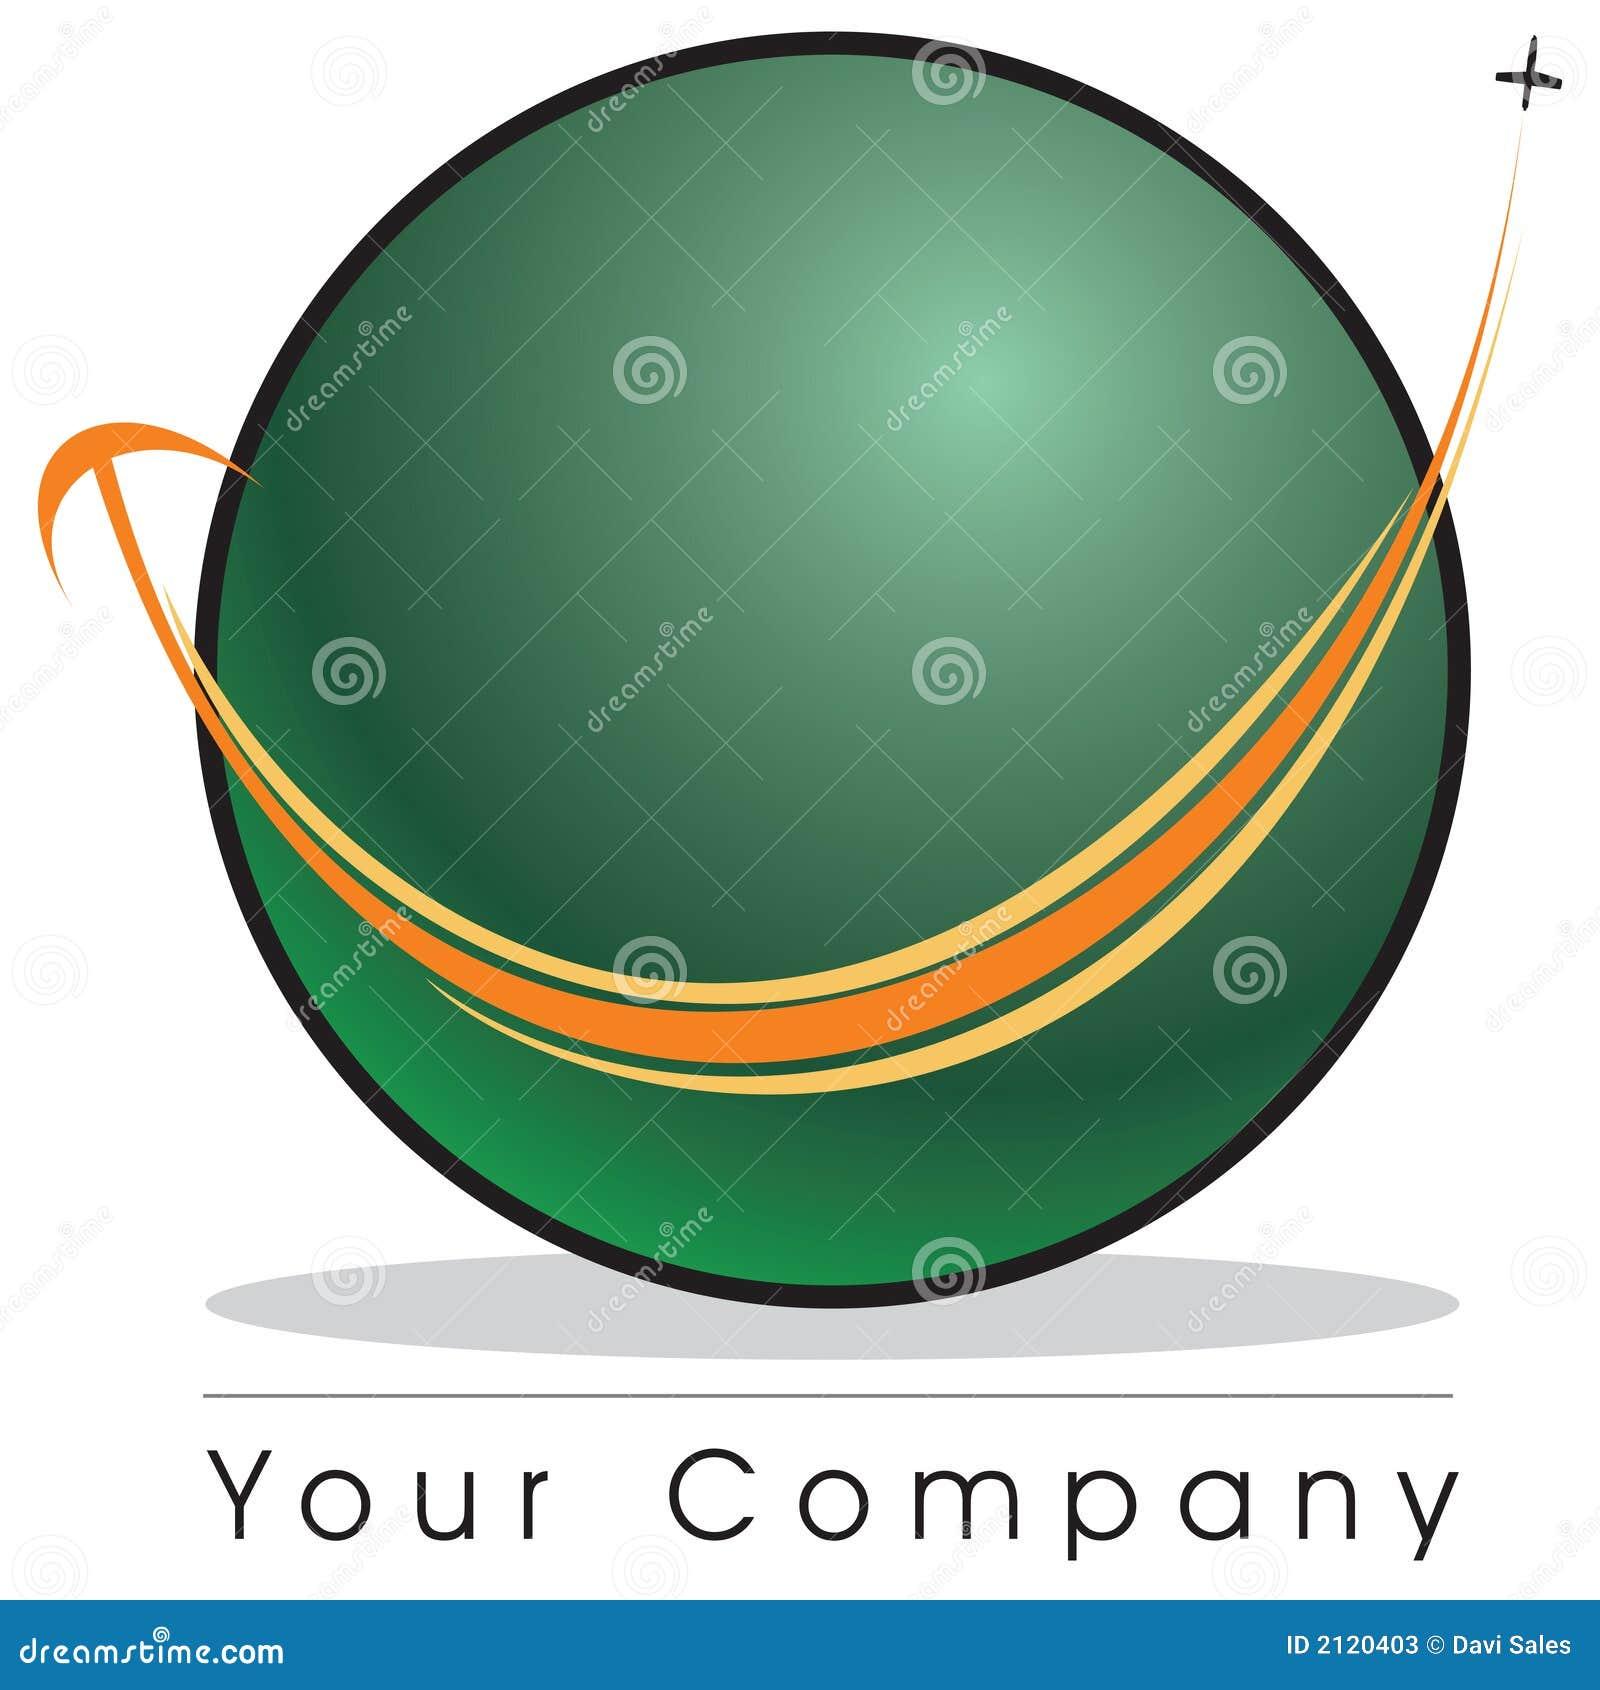 - globus logo